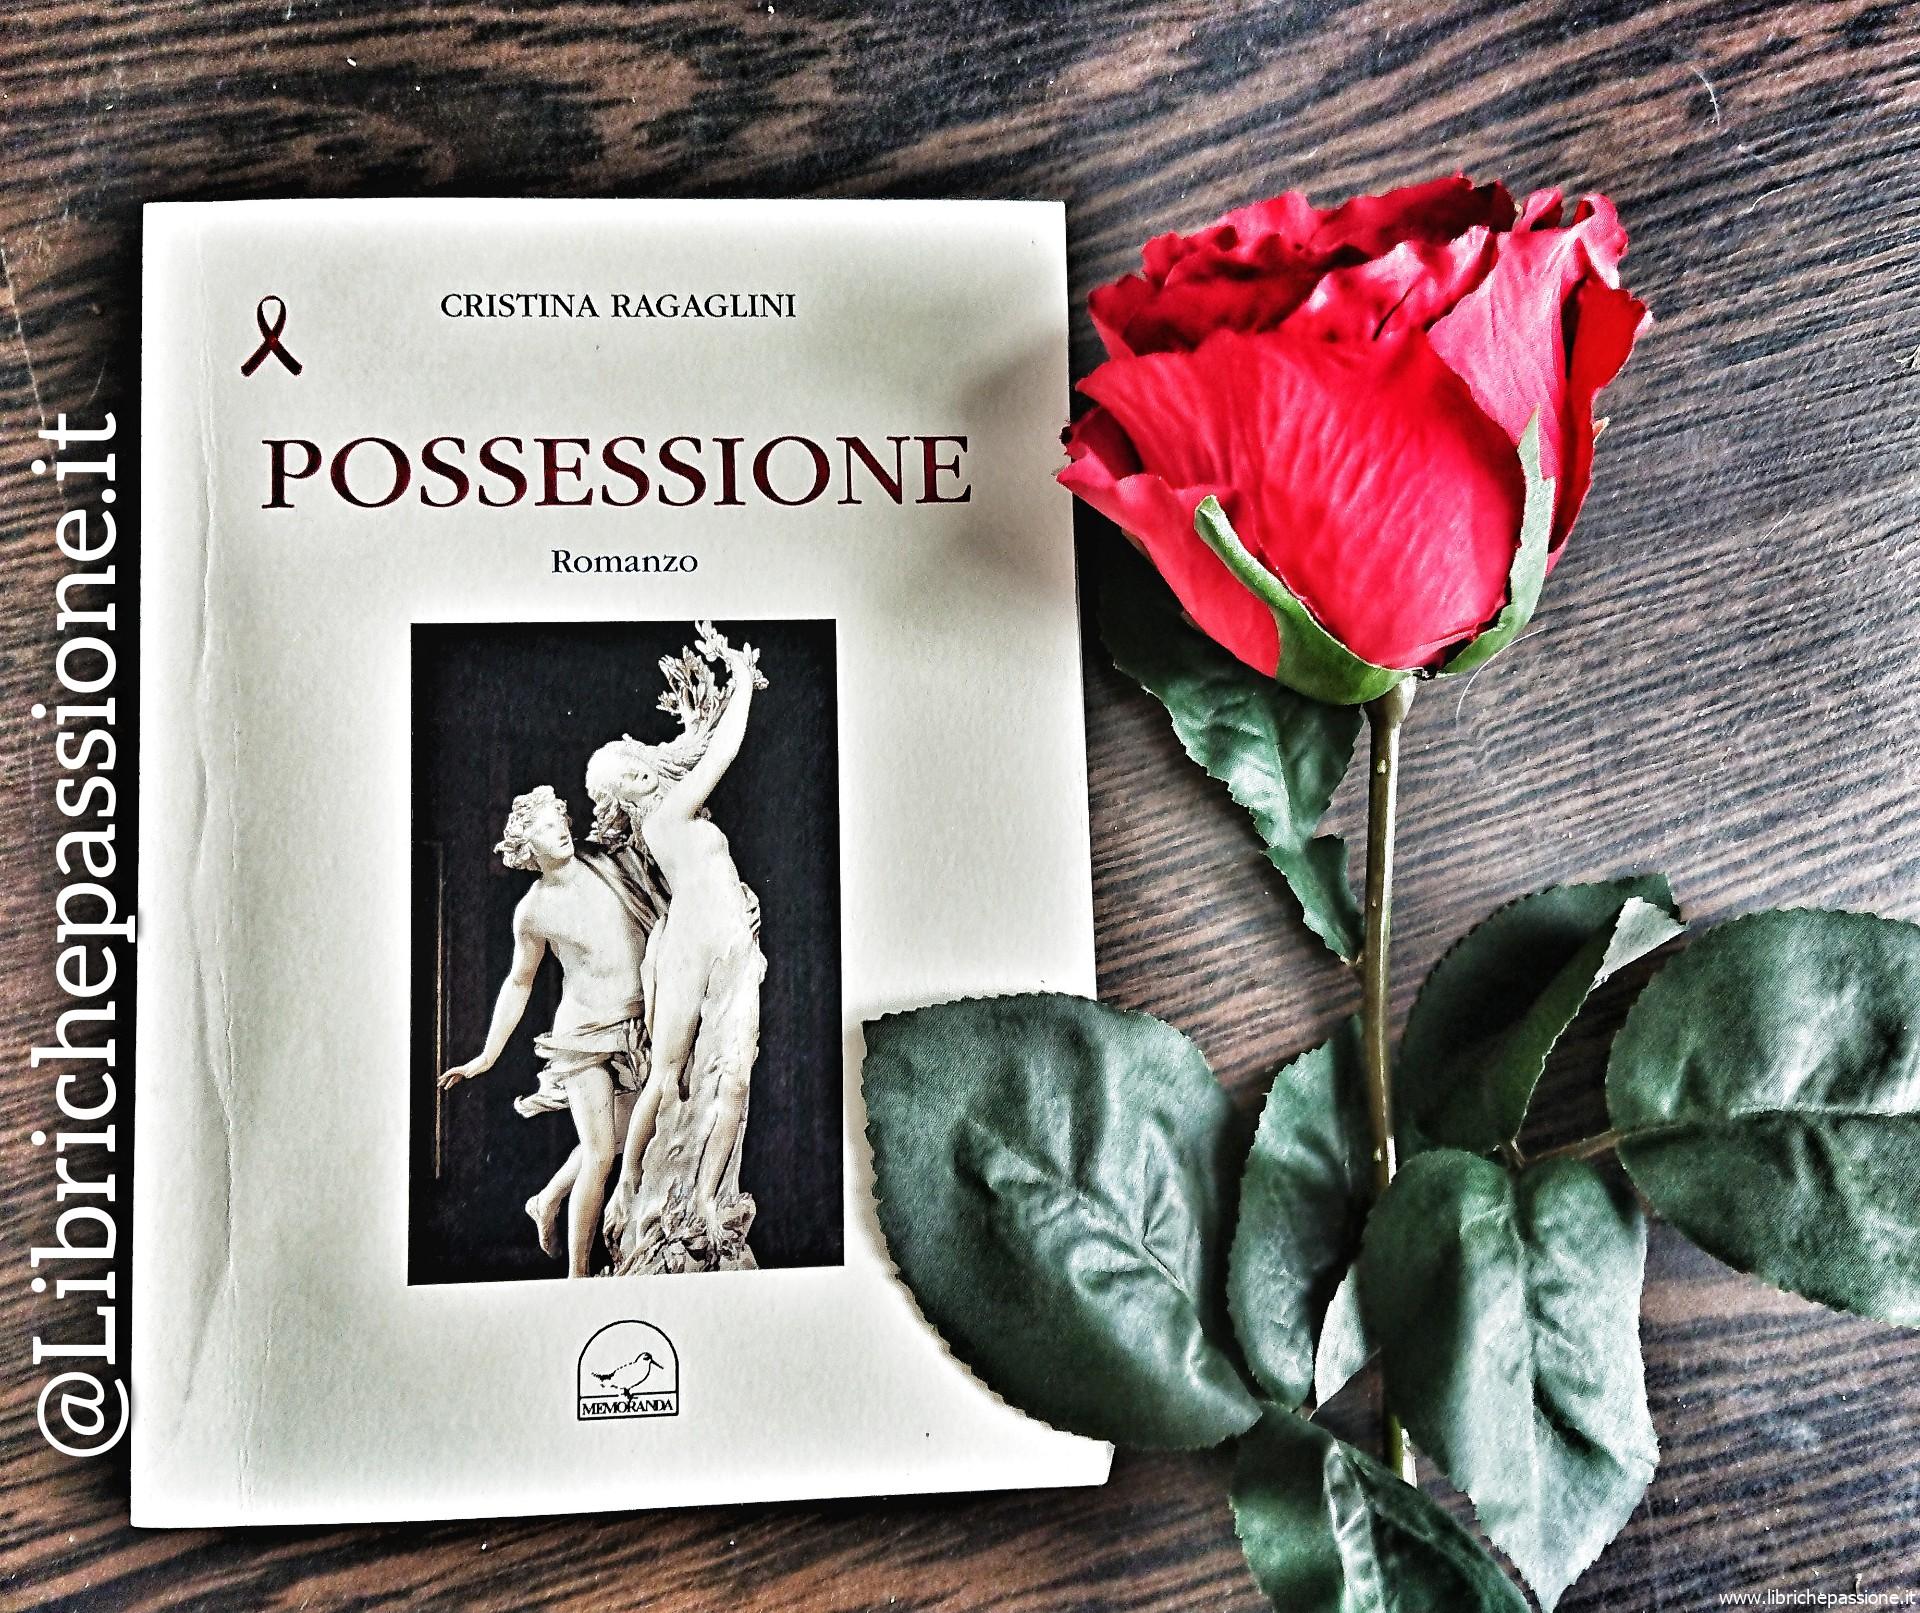 """Recensione del romanzo """"Possessione"""" di Cristina Ragaglini edito da Memoranda Edizioni"""